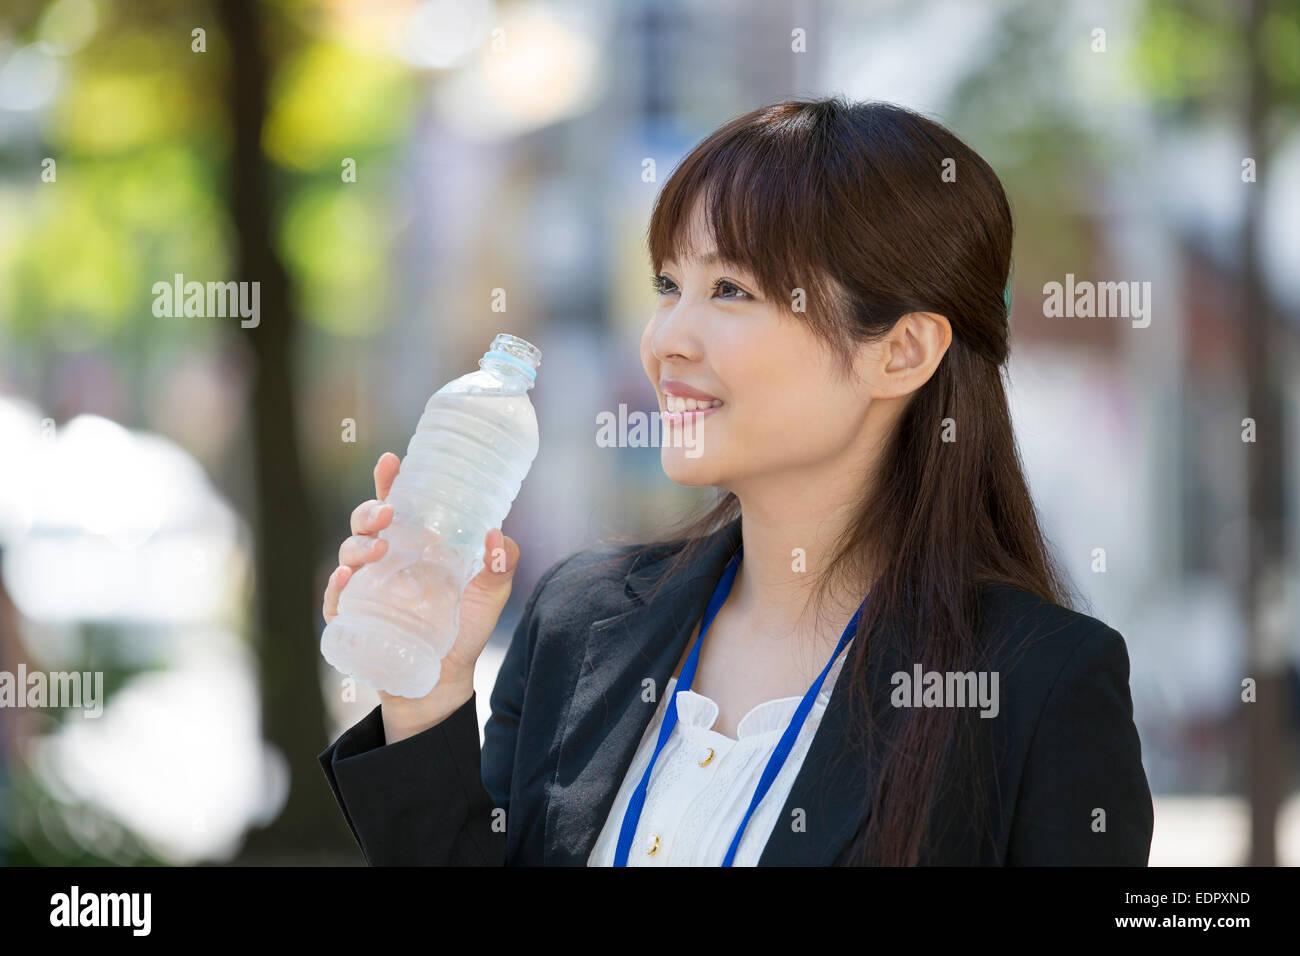 Smiling Businesswoman Holding de l'eau en bouteille Photo Stock